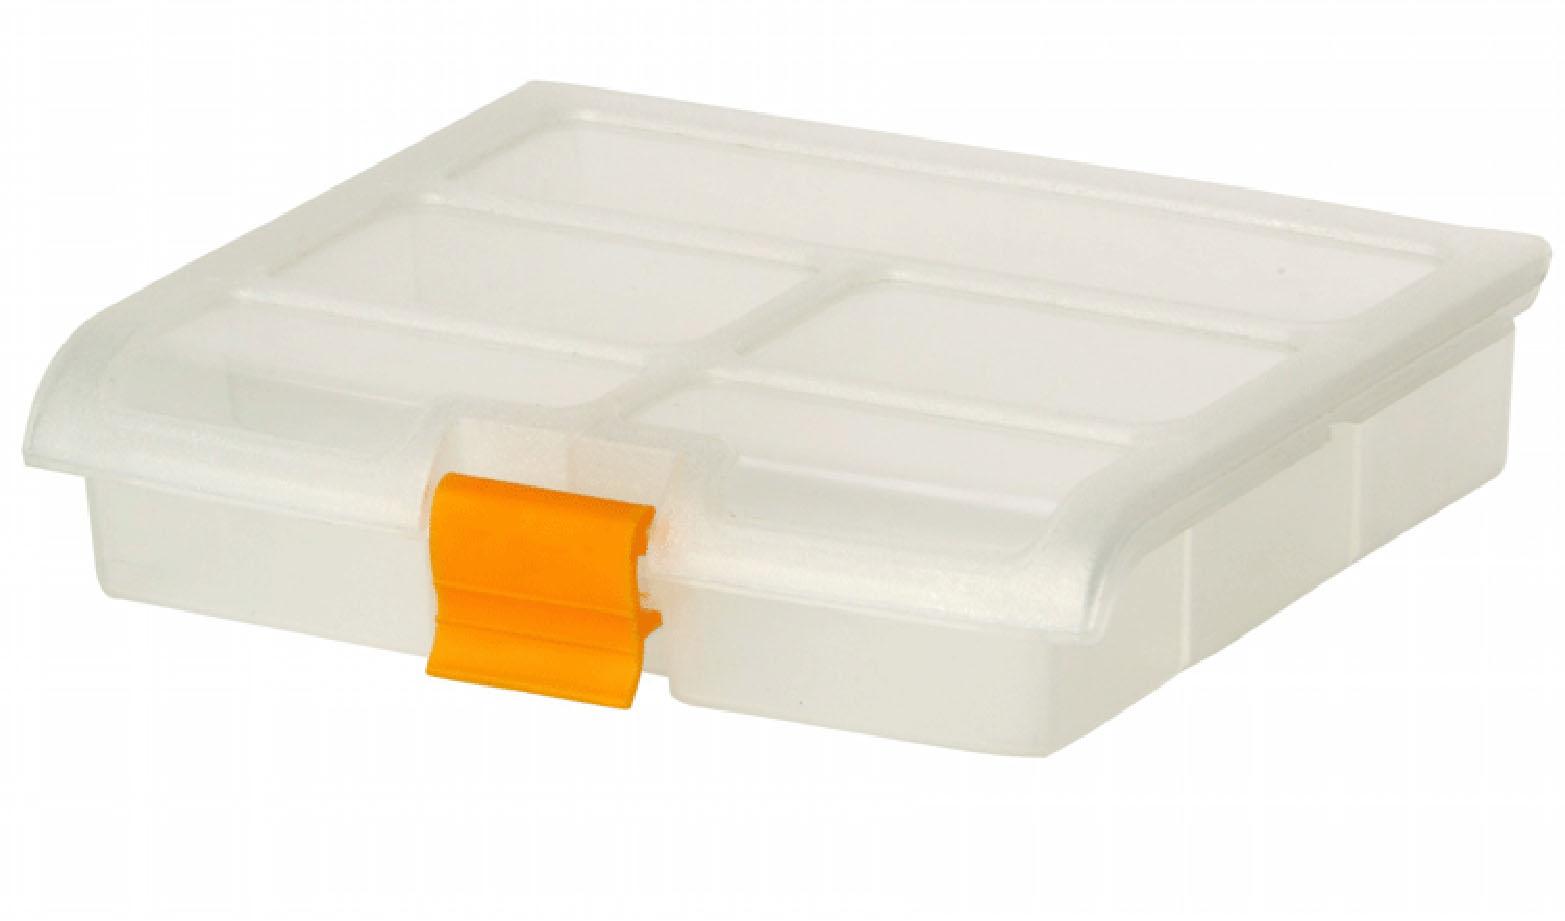 Блок для мелочей Idea, 16,5 см х 13,5 см х 3,5 смМ 2951Блок Idea, выполненный из пластика, предназначен для хранения различных мелочей. Все внутреннее пространство блока разделено на 5 ячеек. Блок для мелочей Idea подходит для упорядоченного хранения принадлежностей для рукоделия, материалов для ремонта и строительства, рыболовных снастей, канцелярских товаров, медицинских препаратов. Случайное раскрытие крышки исключается благодаря надежной защелке. Размер ячеек: 14,5 см х 3,5 см, 2 х 7 см х 4 см, 2 х 7 см х 3,5 см.